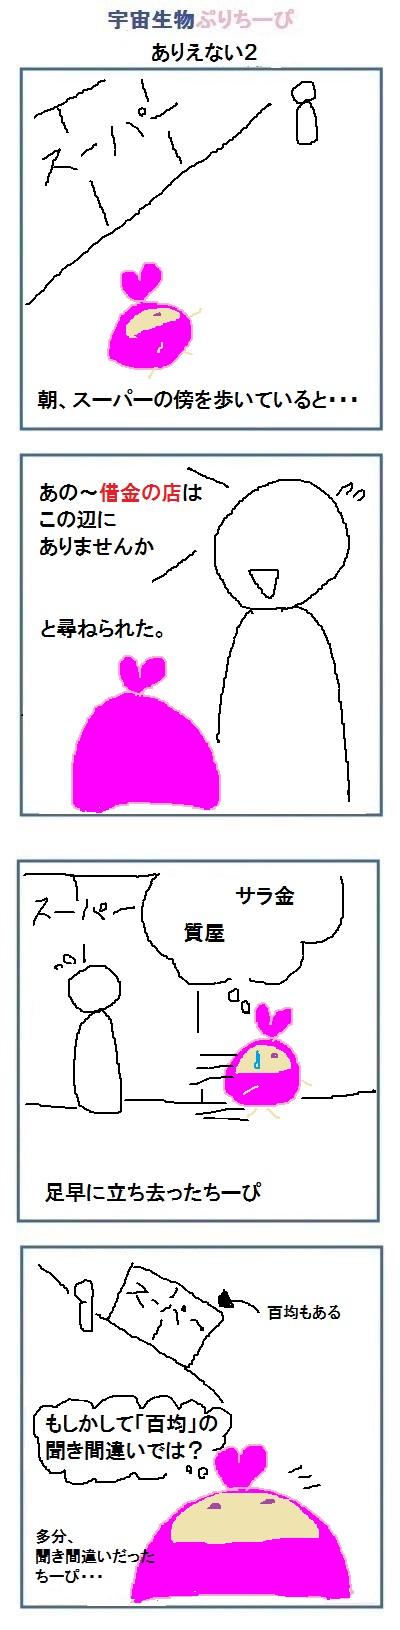 160524_ありえない2